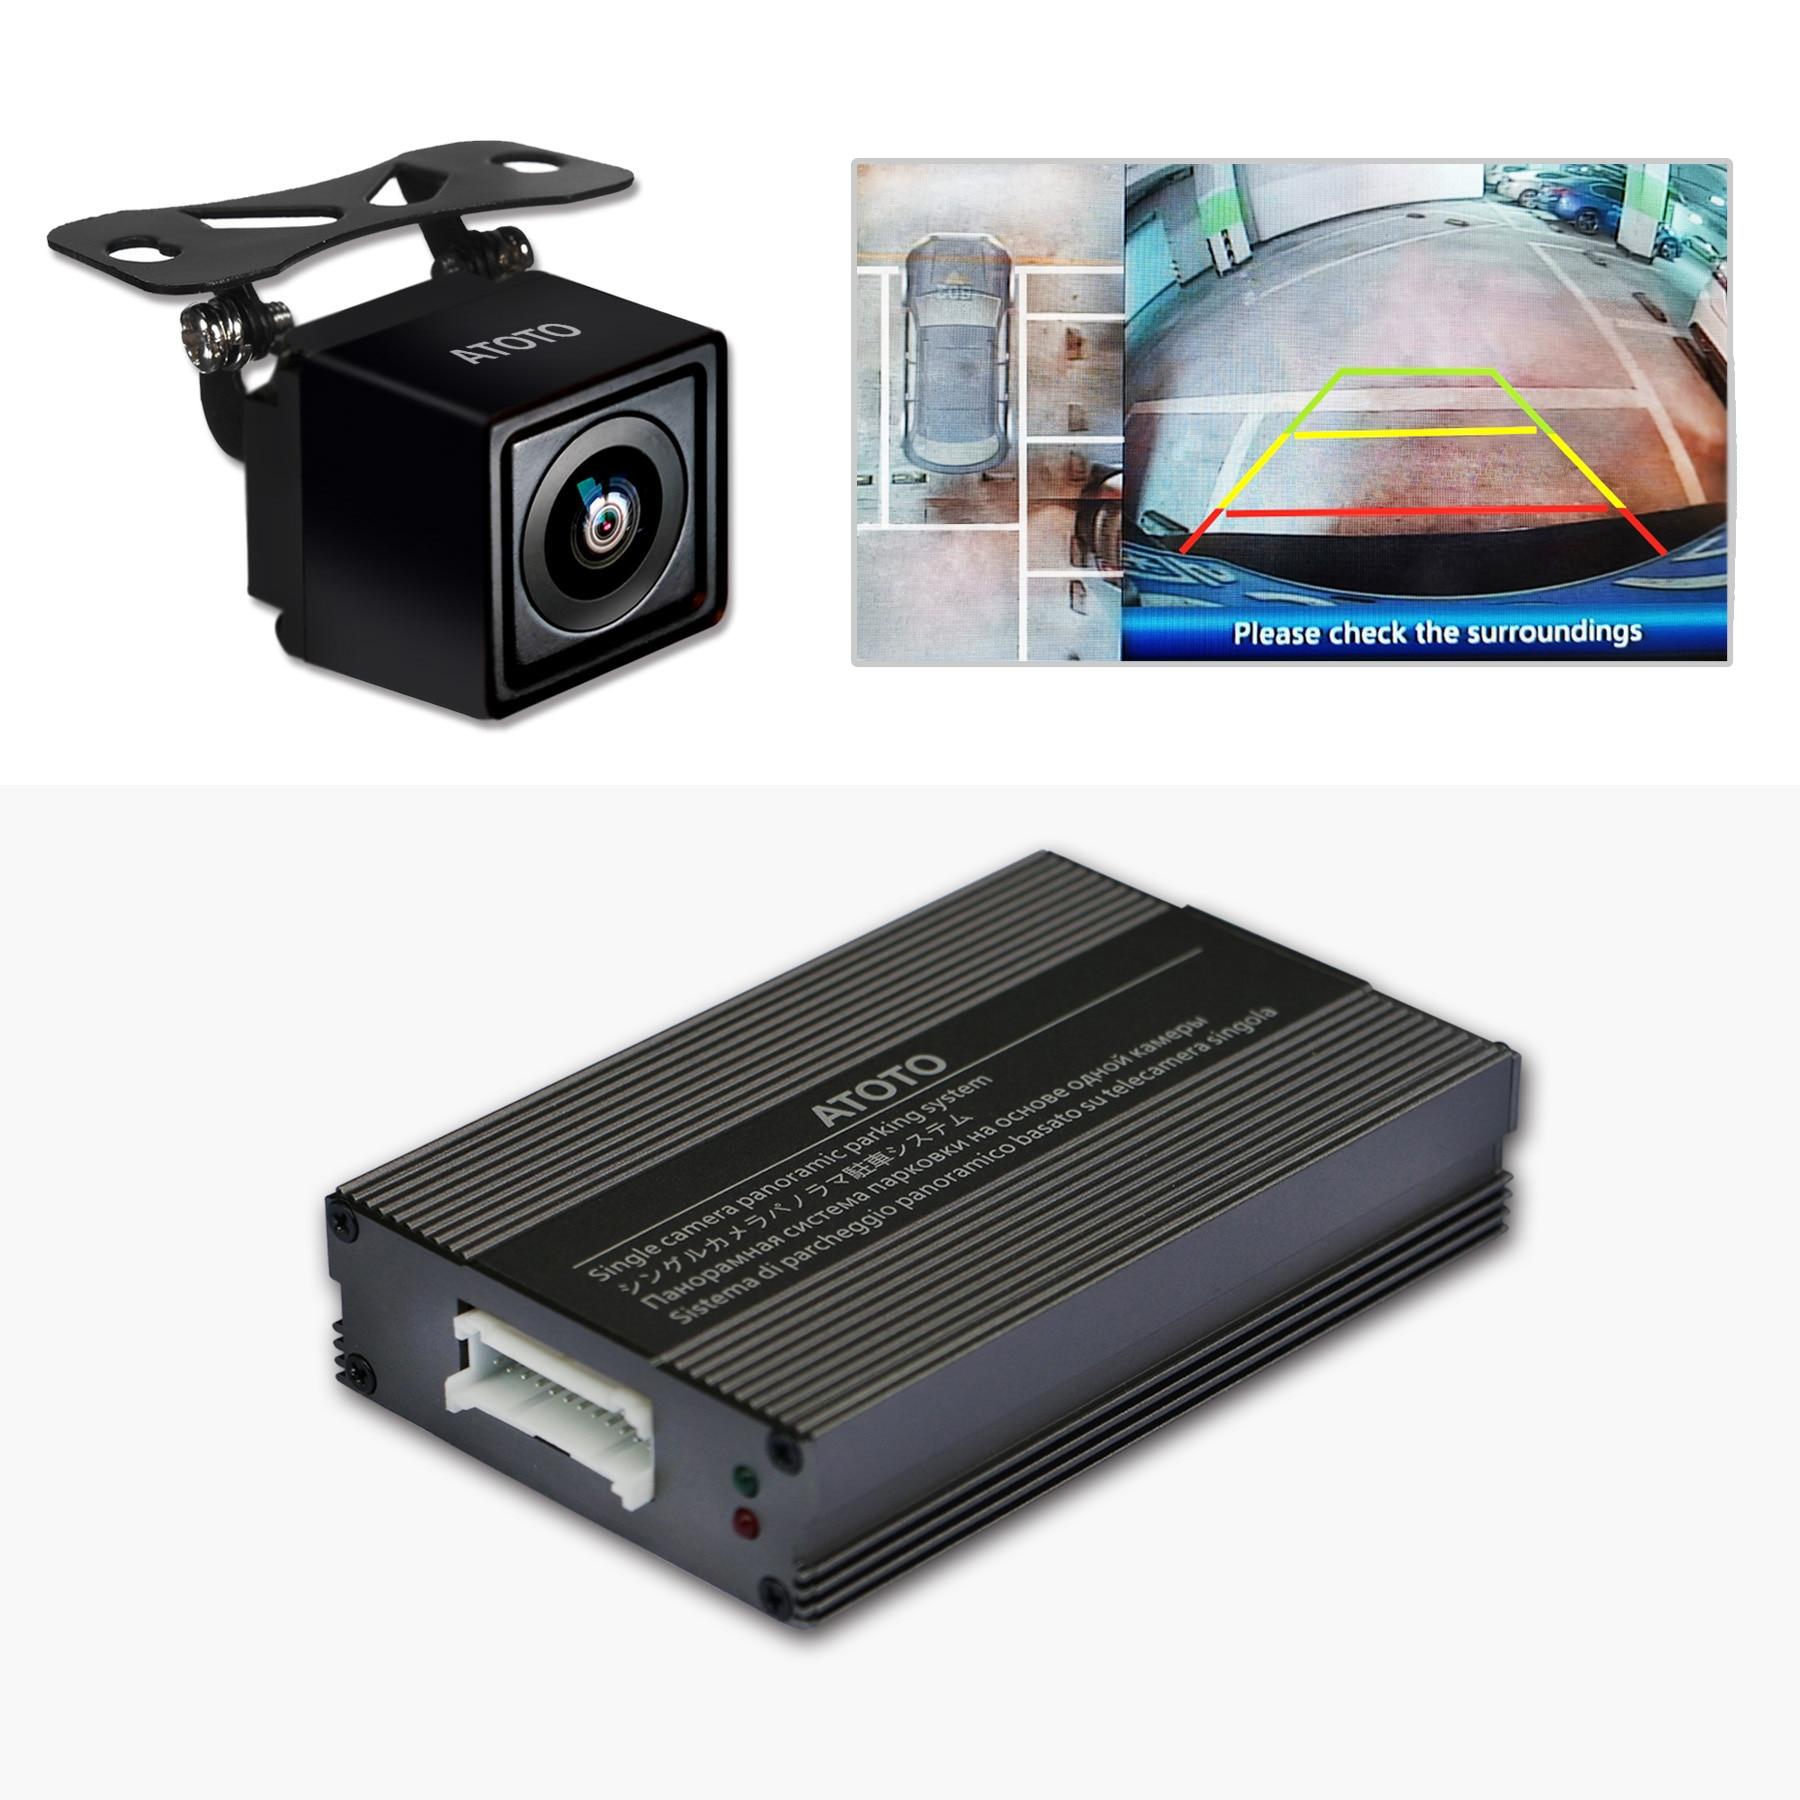 ATOTO AC-SC3601 tek kamera Surround görüş dikiz park sistemi-panoramik görüntü dikiş-kuşbakışı görünümü çevre